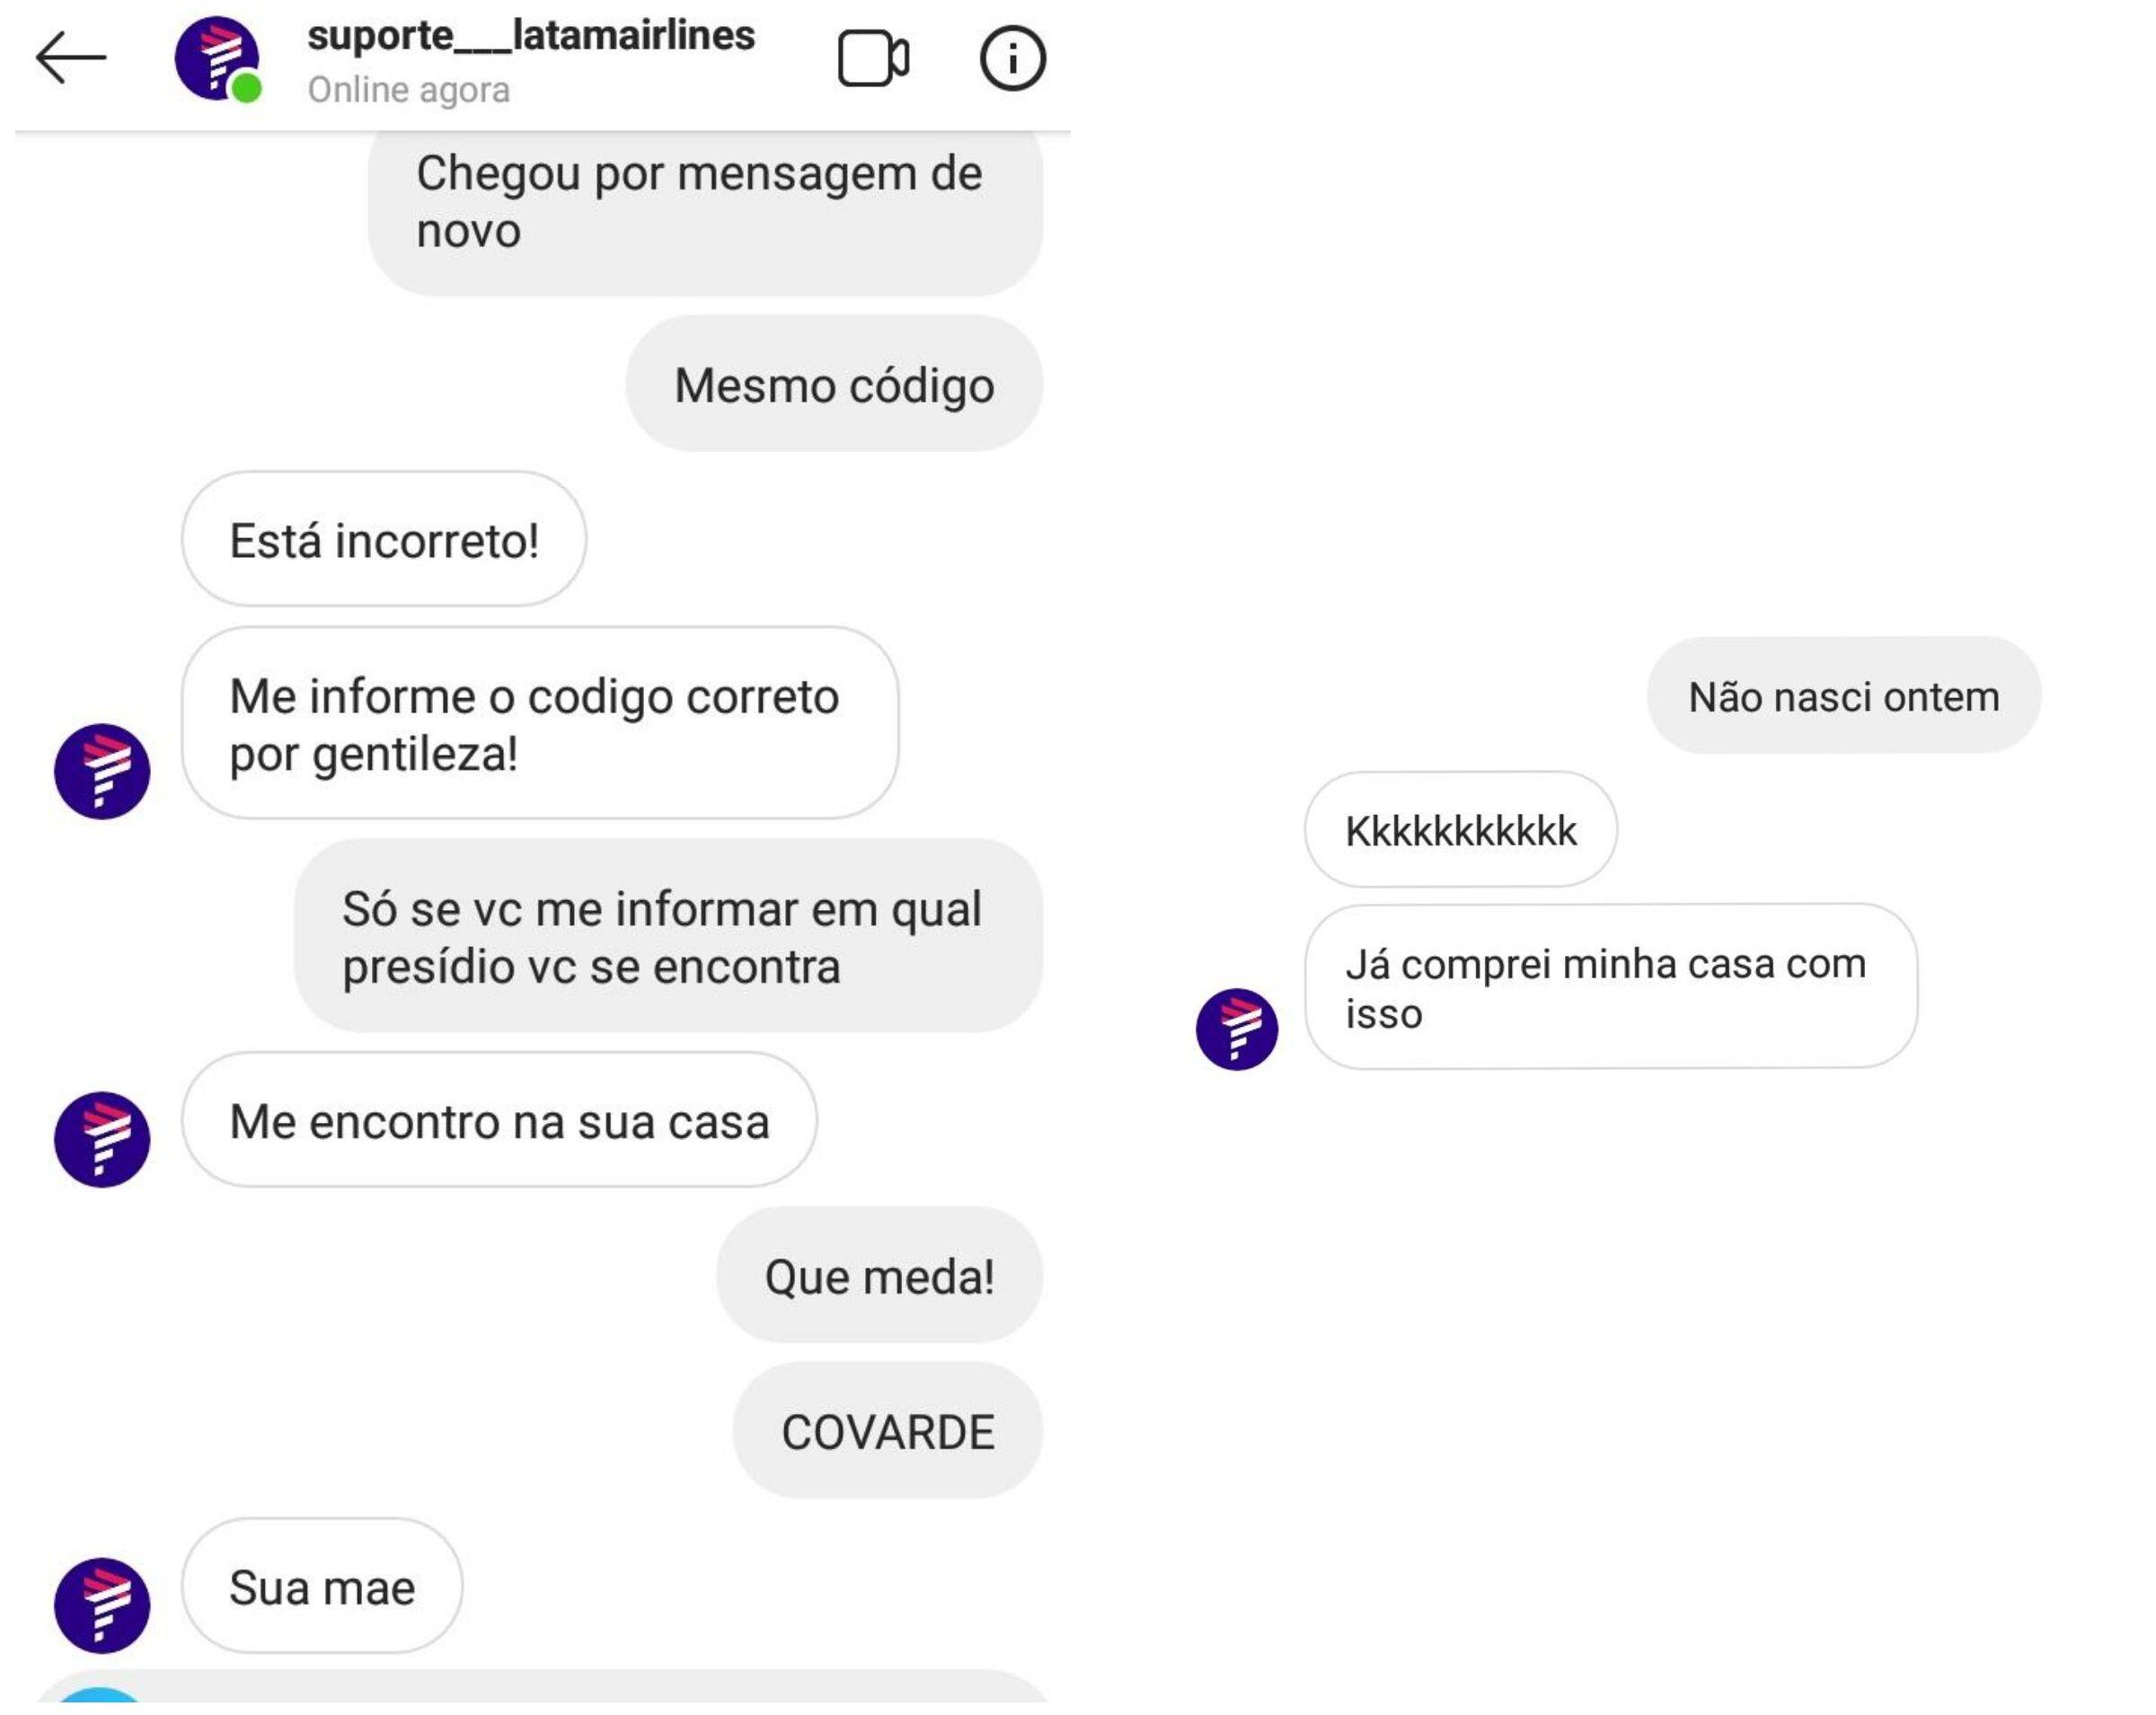 Mensagens enviadas pelo perfil falso, que se passa por um canal de atendimento da LATAM